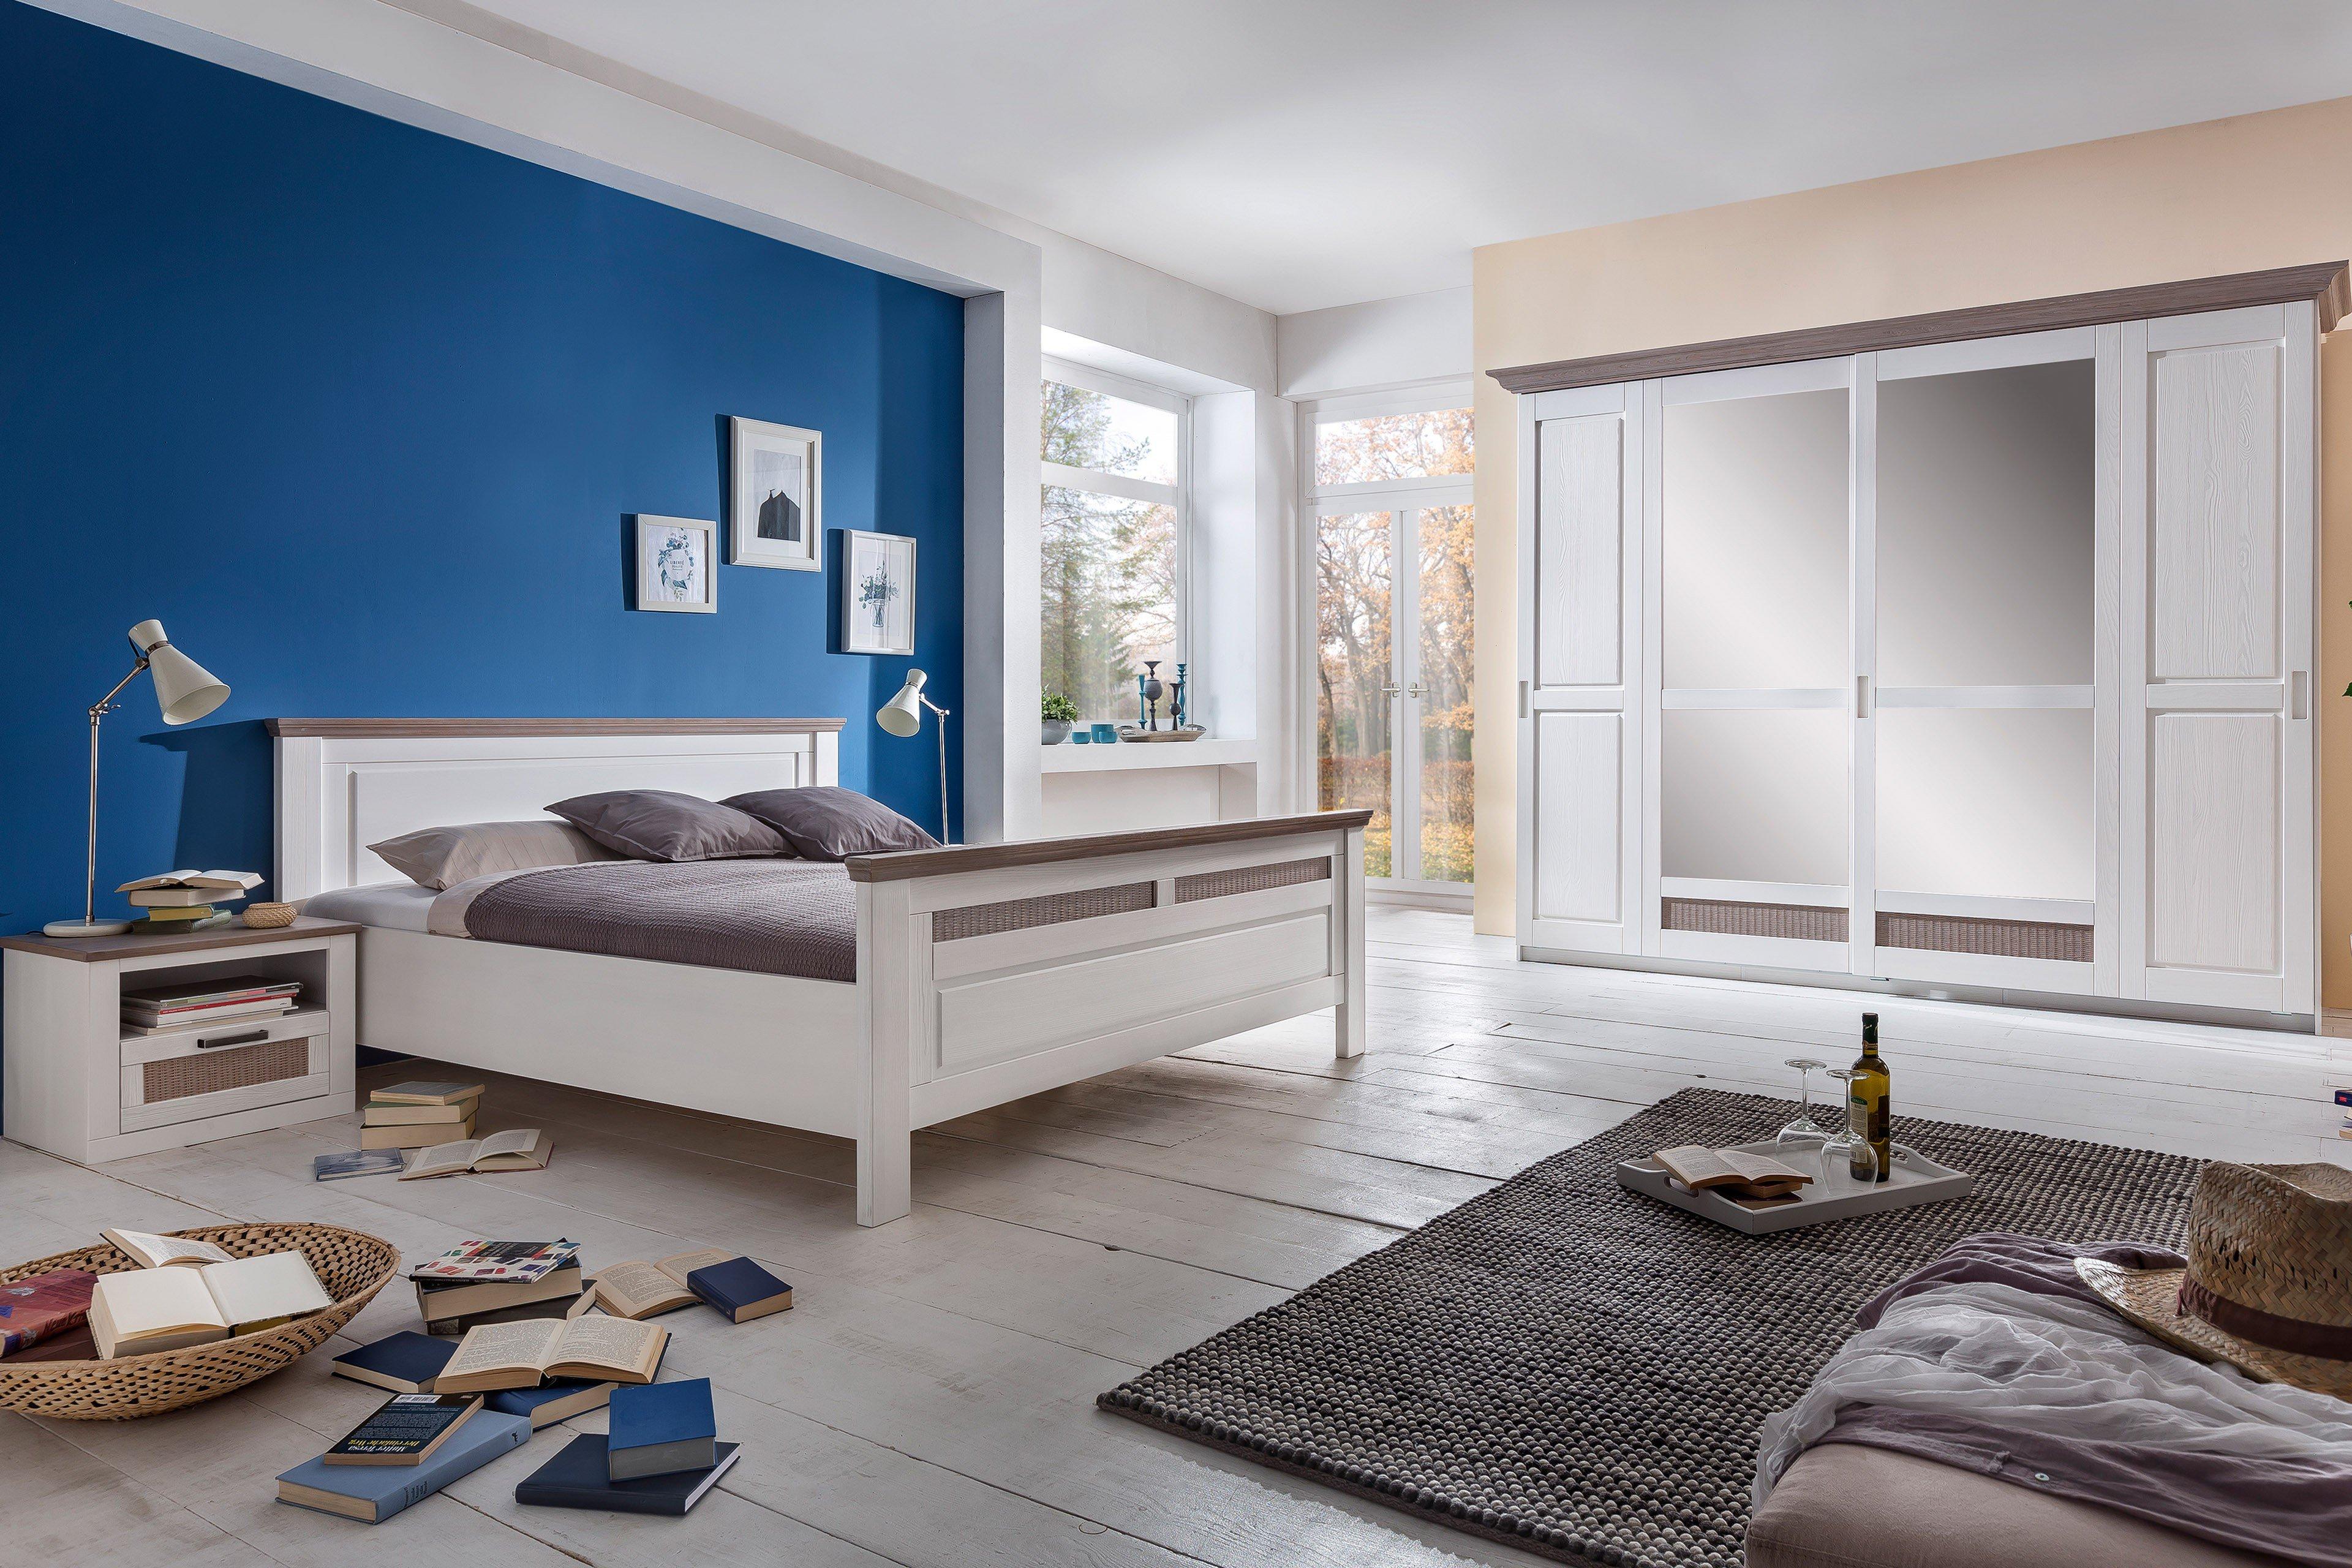 Komplett-Schlafzimmer Telmex Lugano weiß | Möbel Letz - Ihr Online-Shop